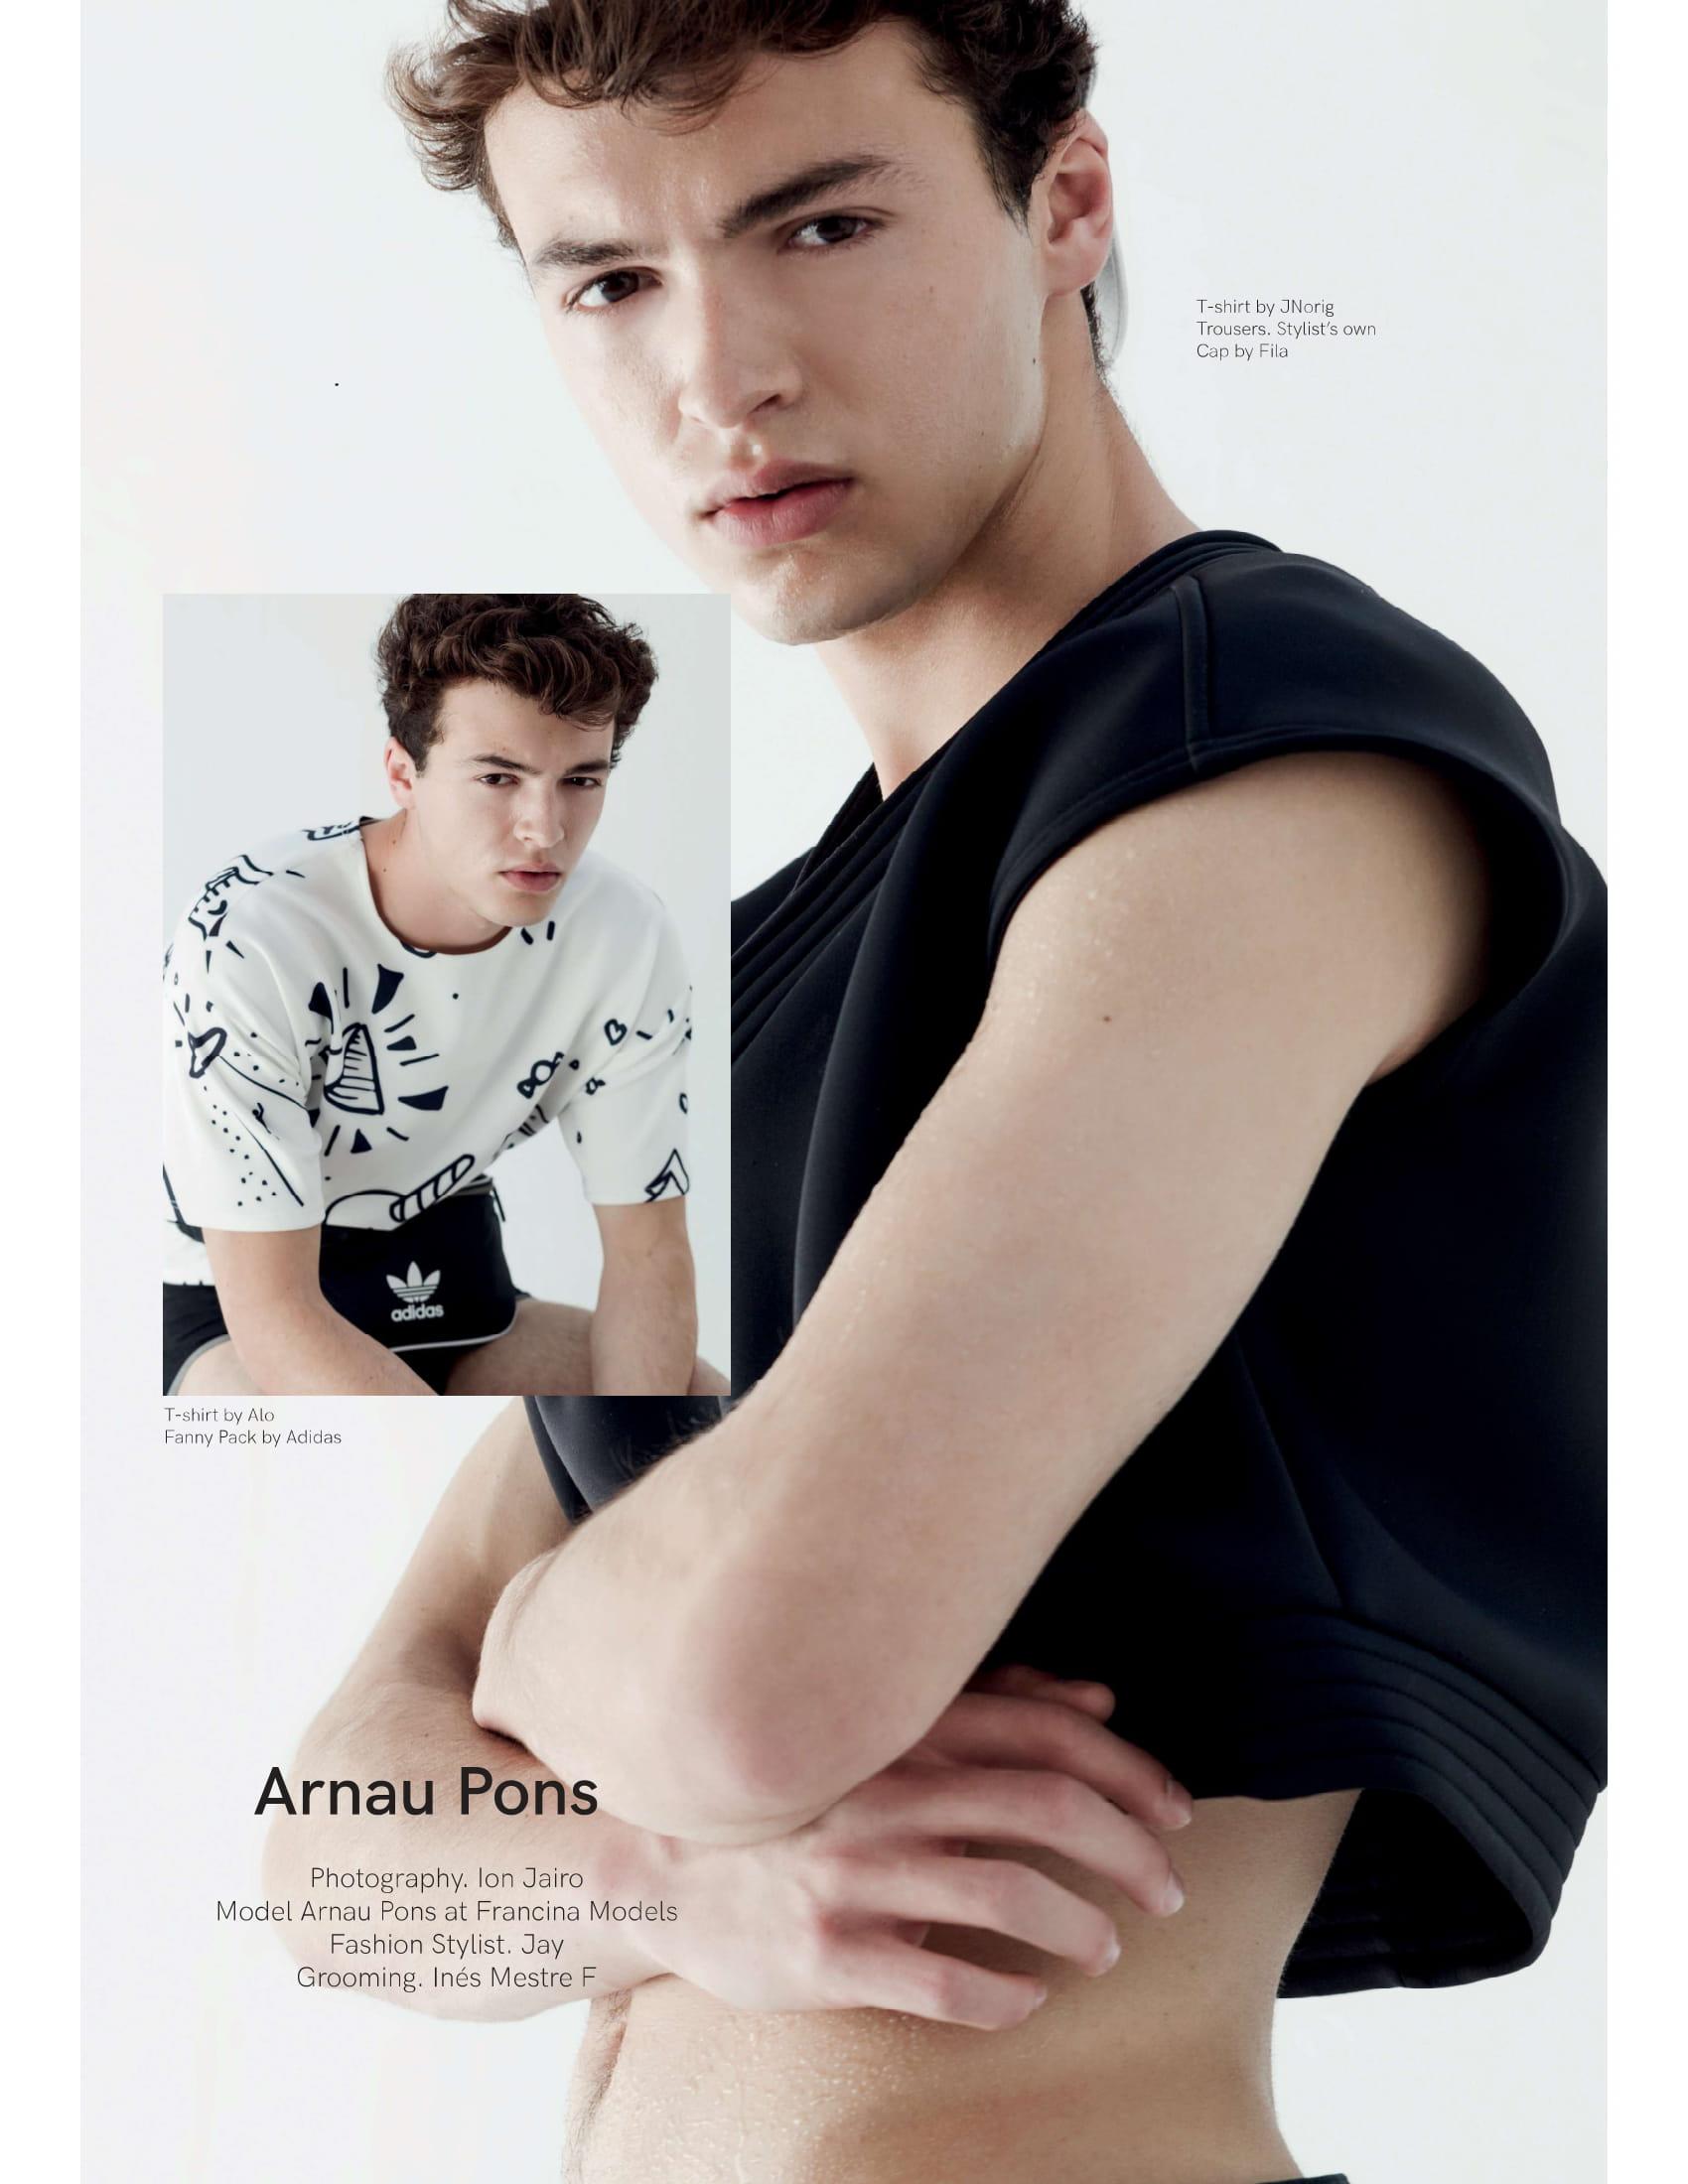 7b0b807dfe9d Arnua Pons by Ion Jairo — Vanity Teen